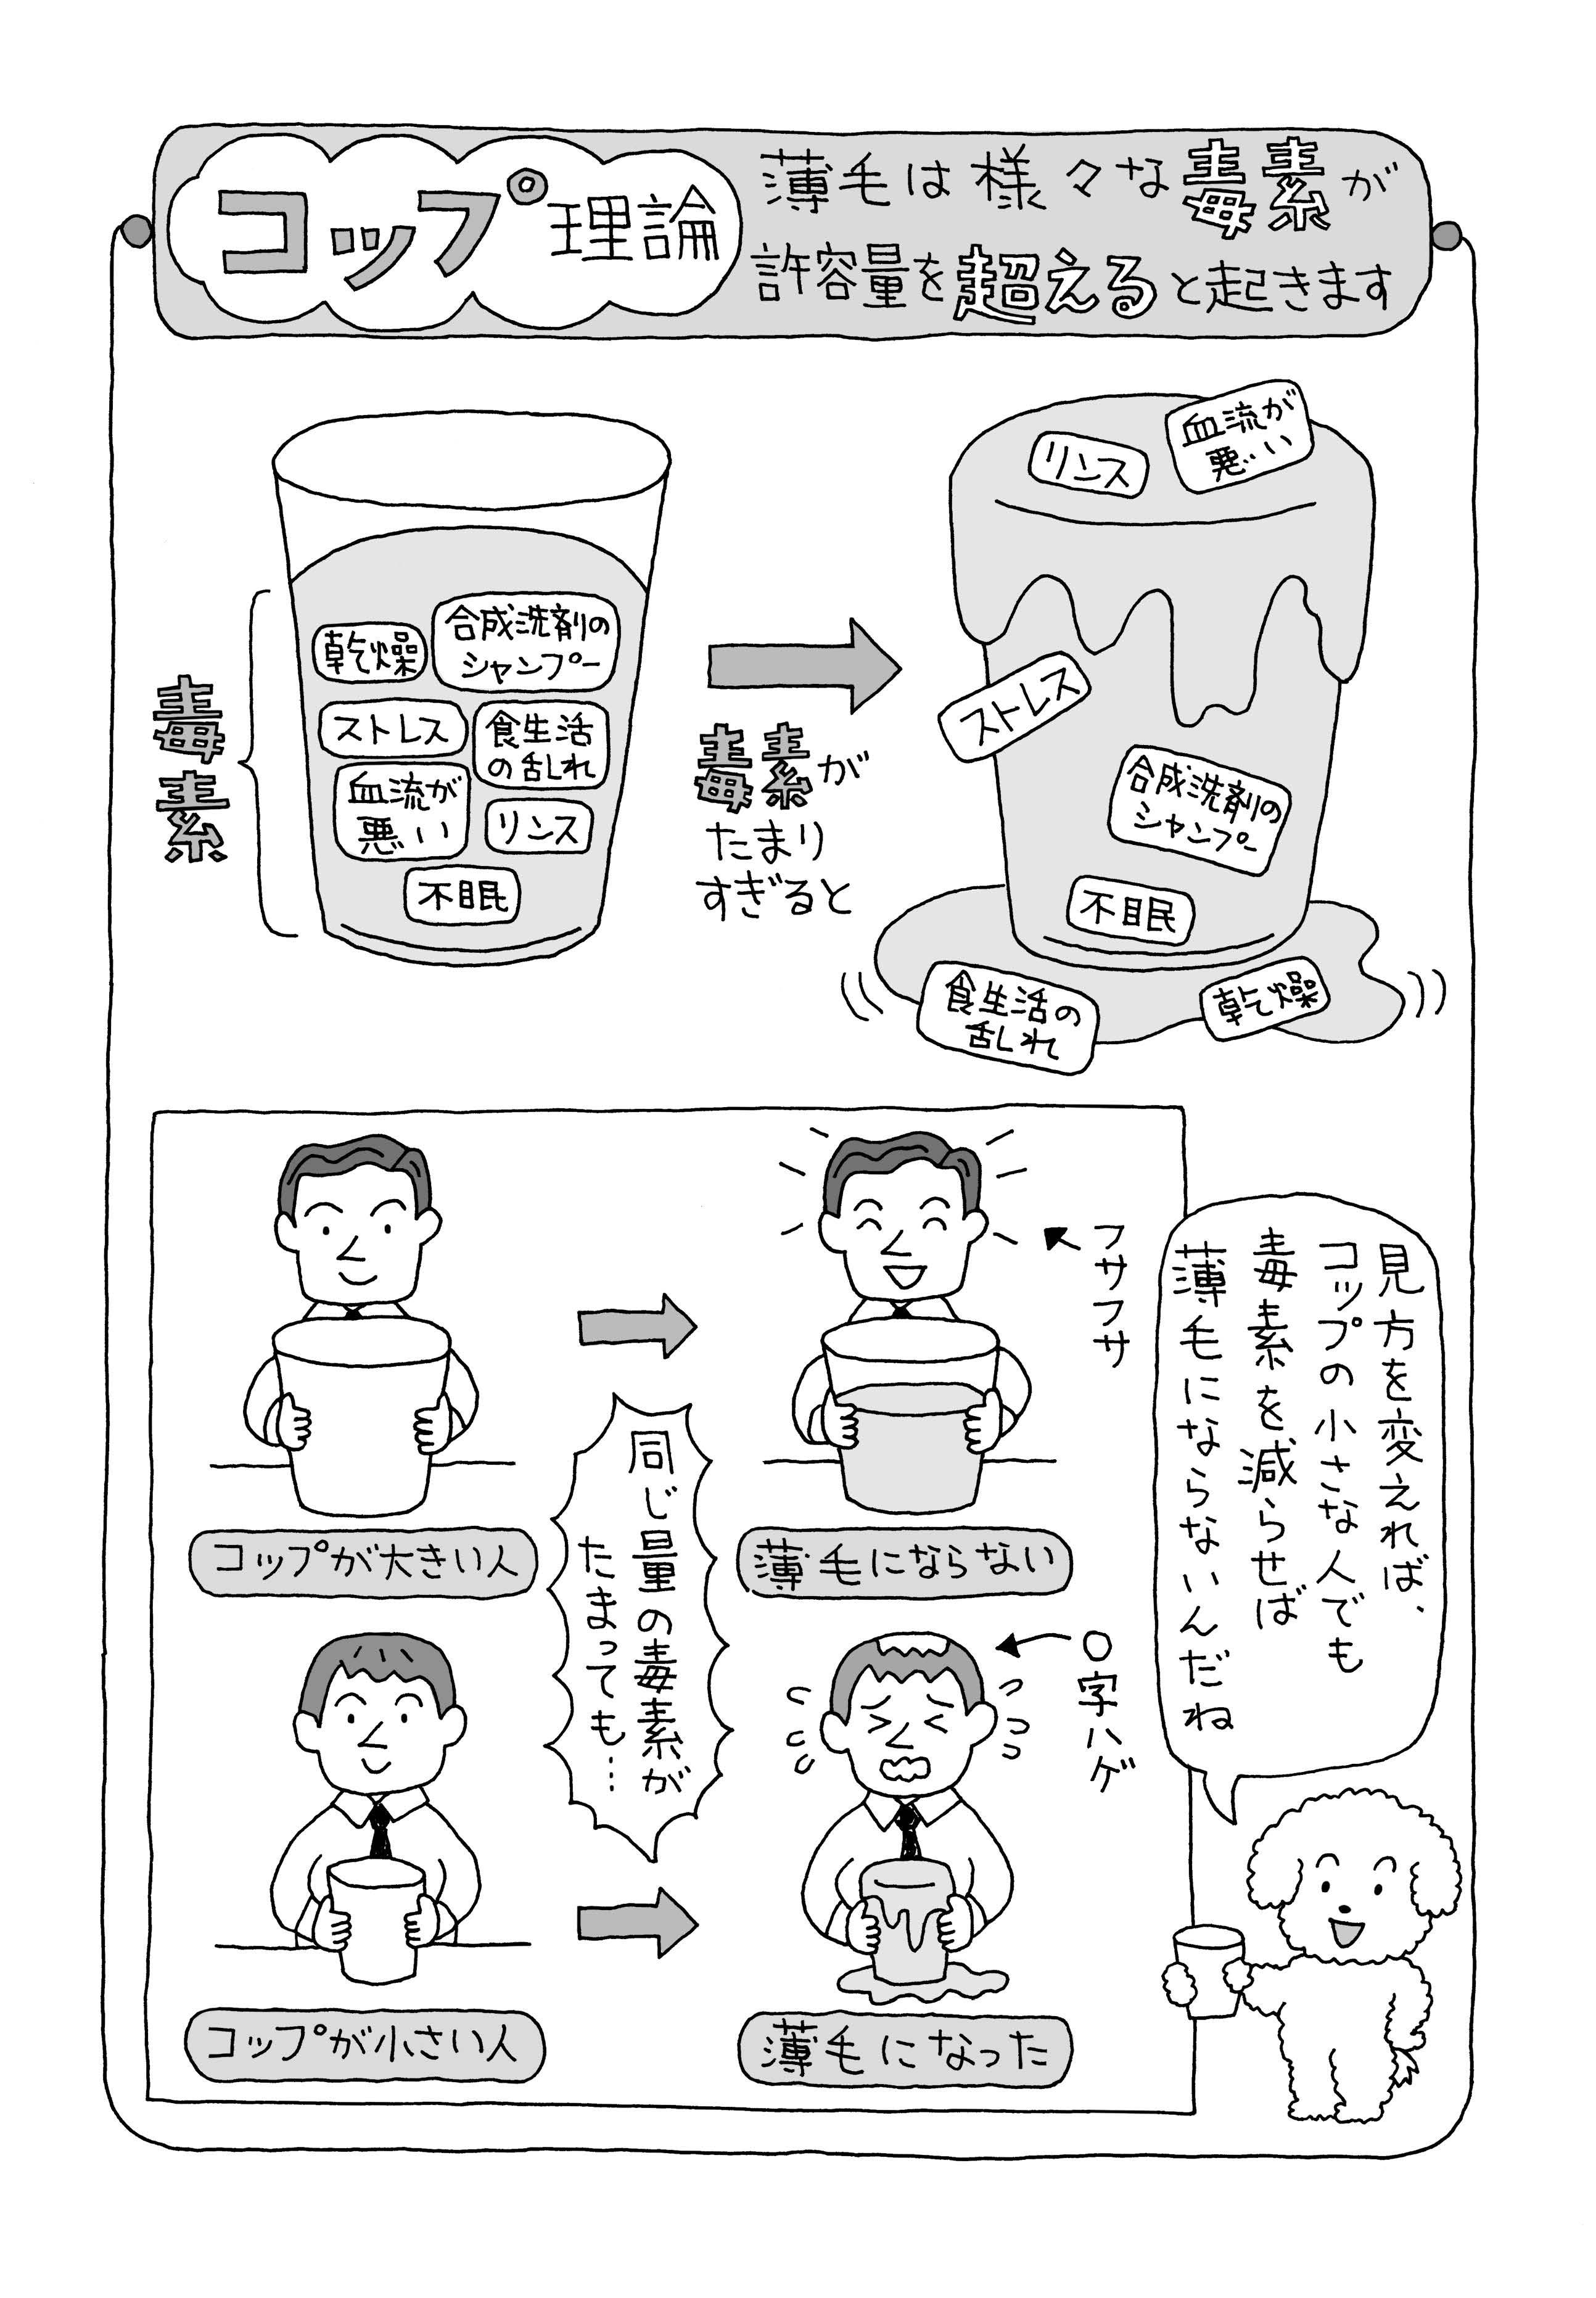 017-004-081.jpg